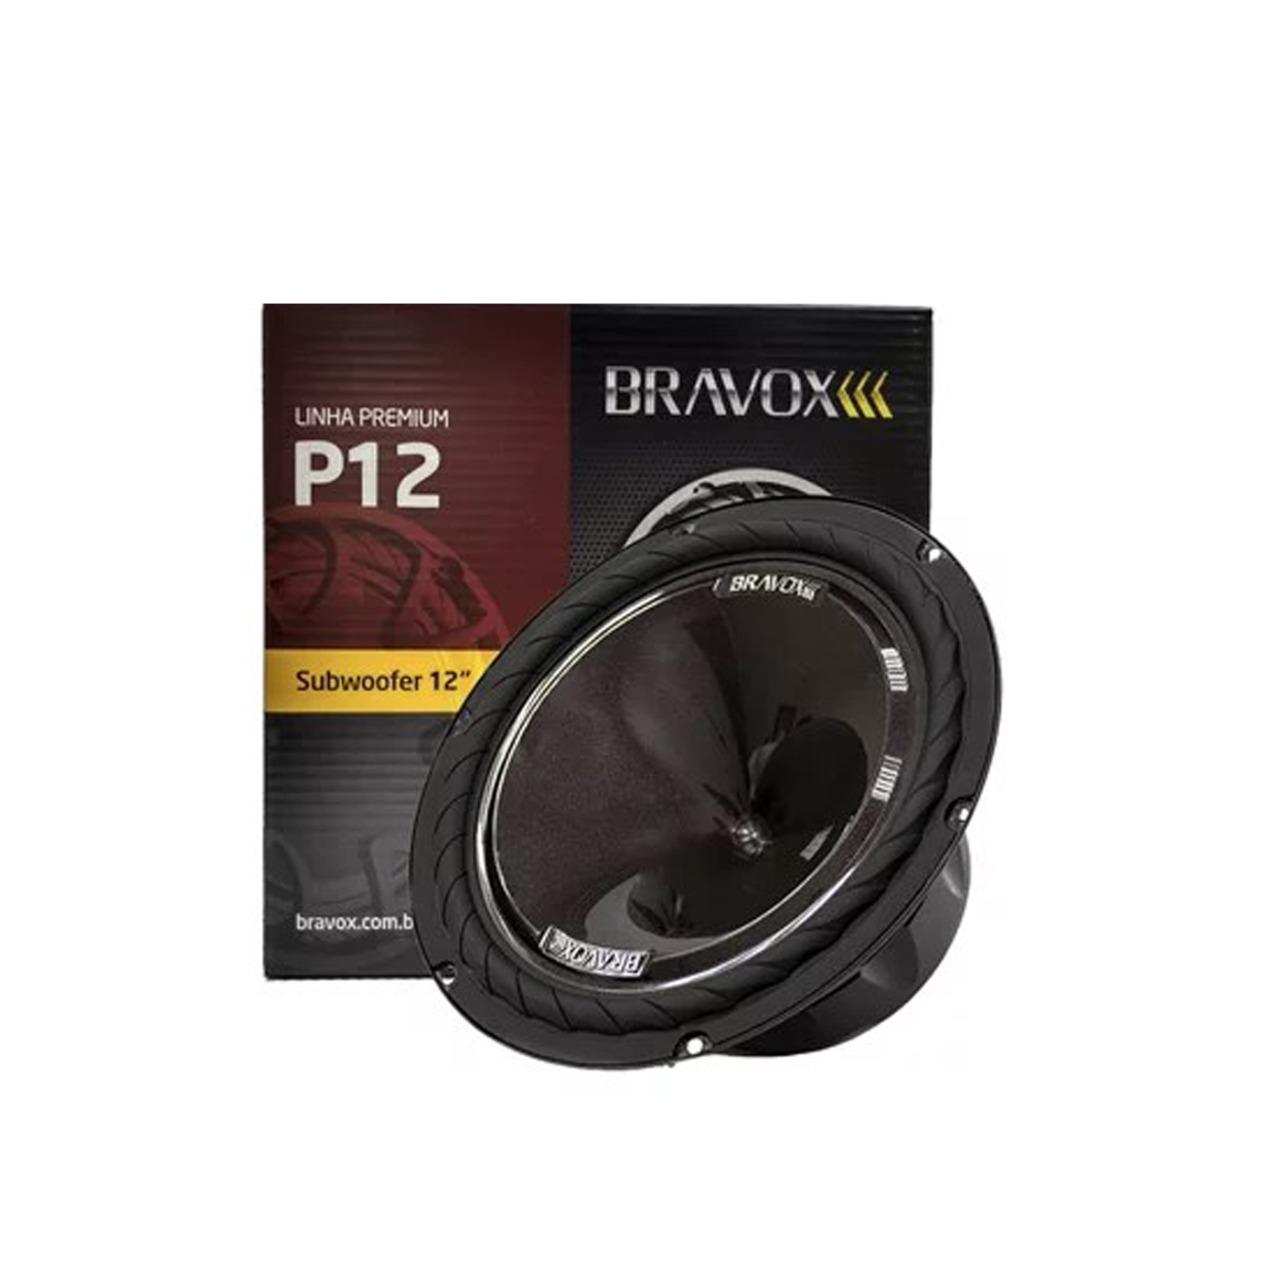 Subwoofer Bravox Premium Plus 12' P12X-D4 220w Rms 4 Ohms